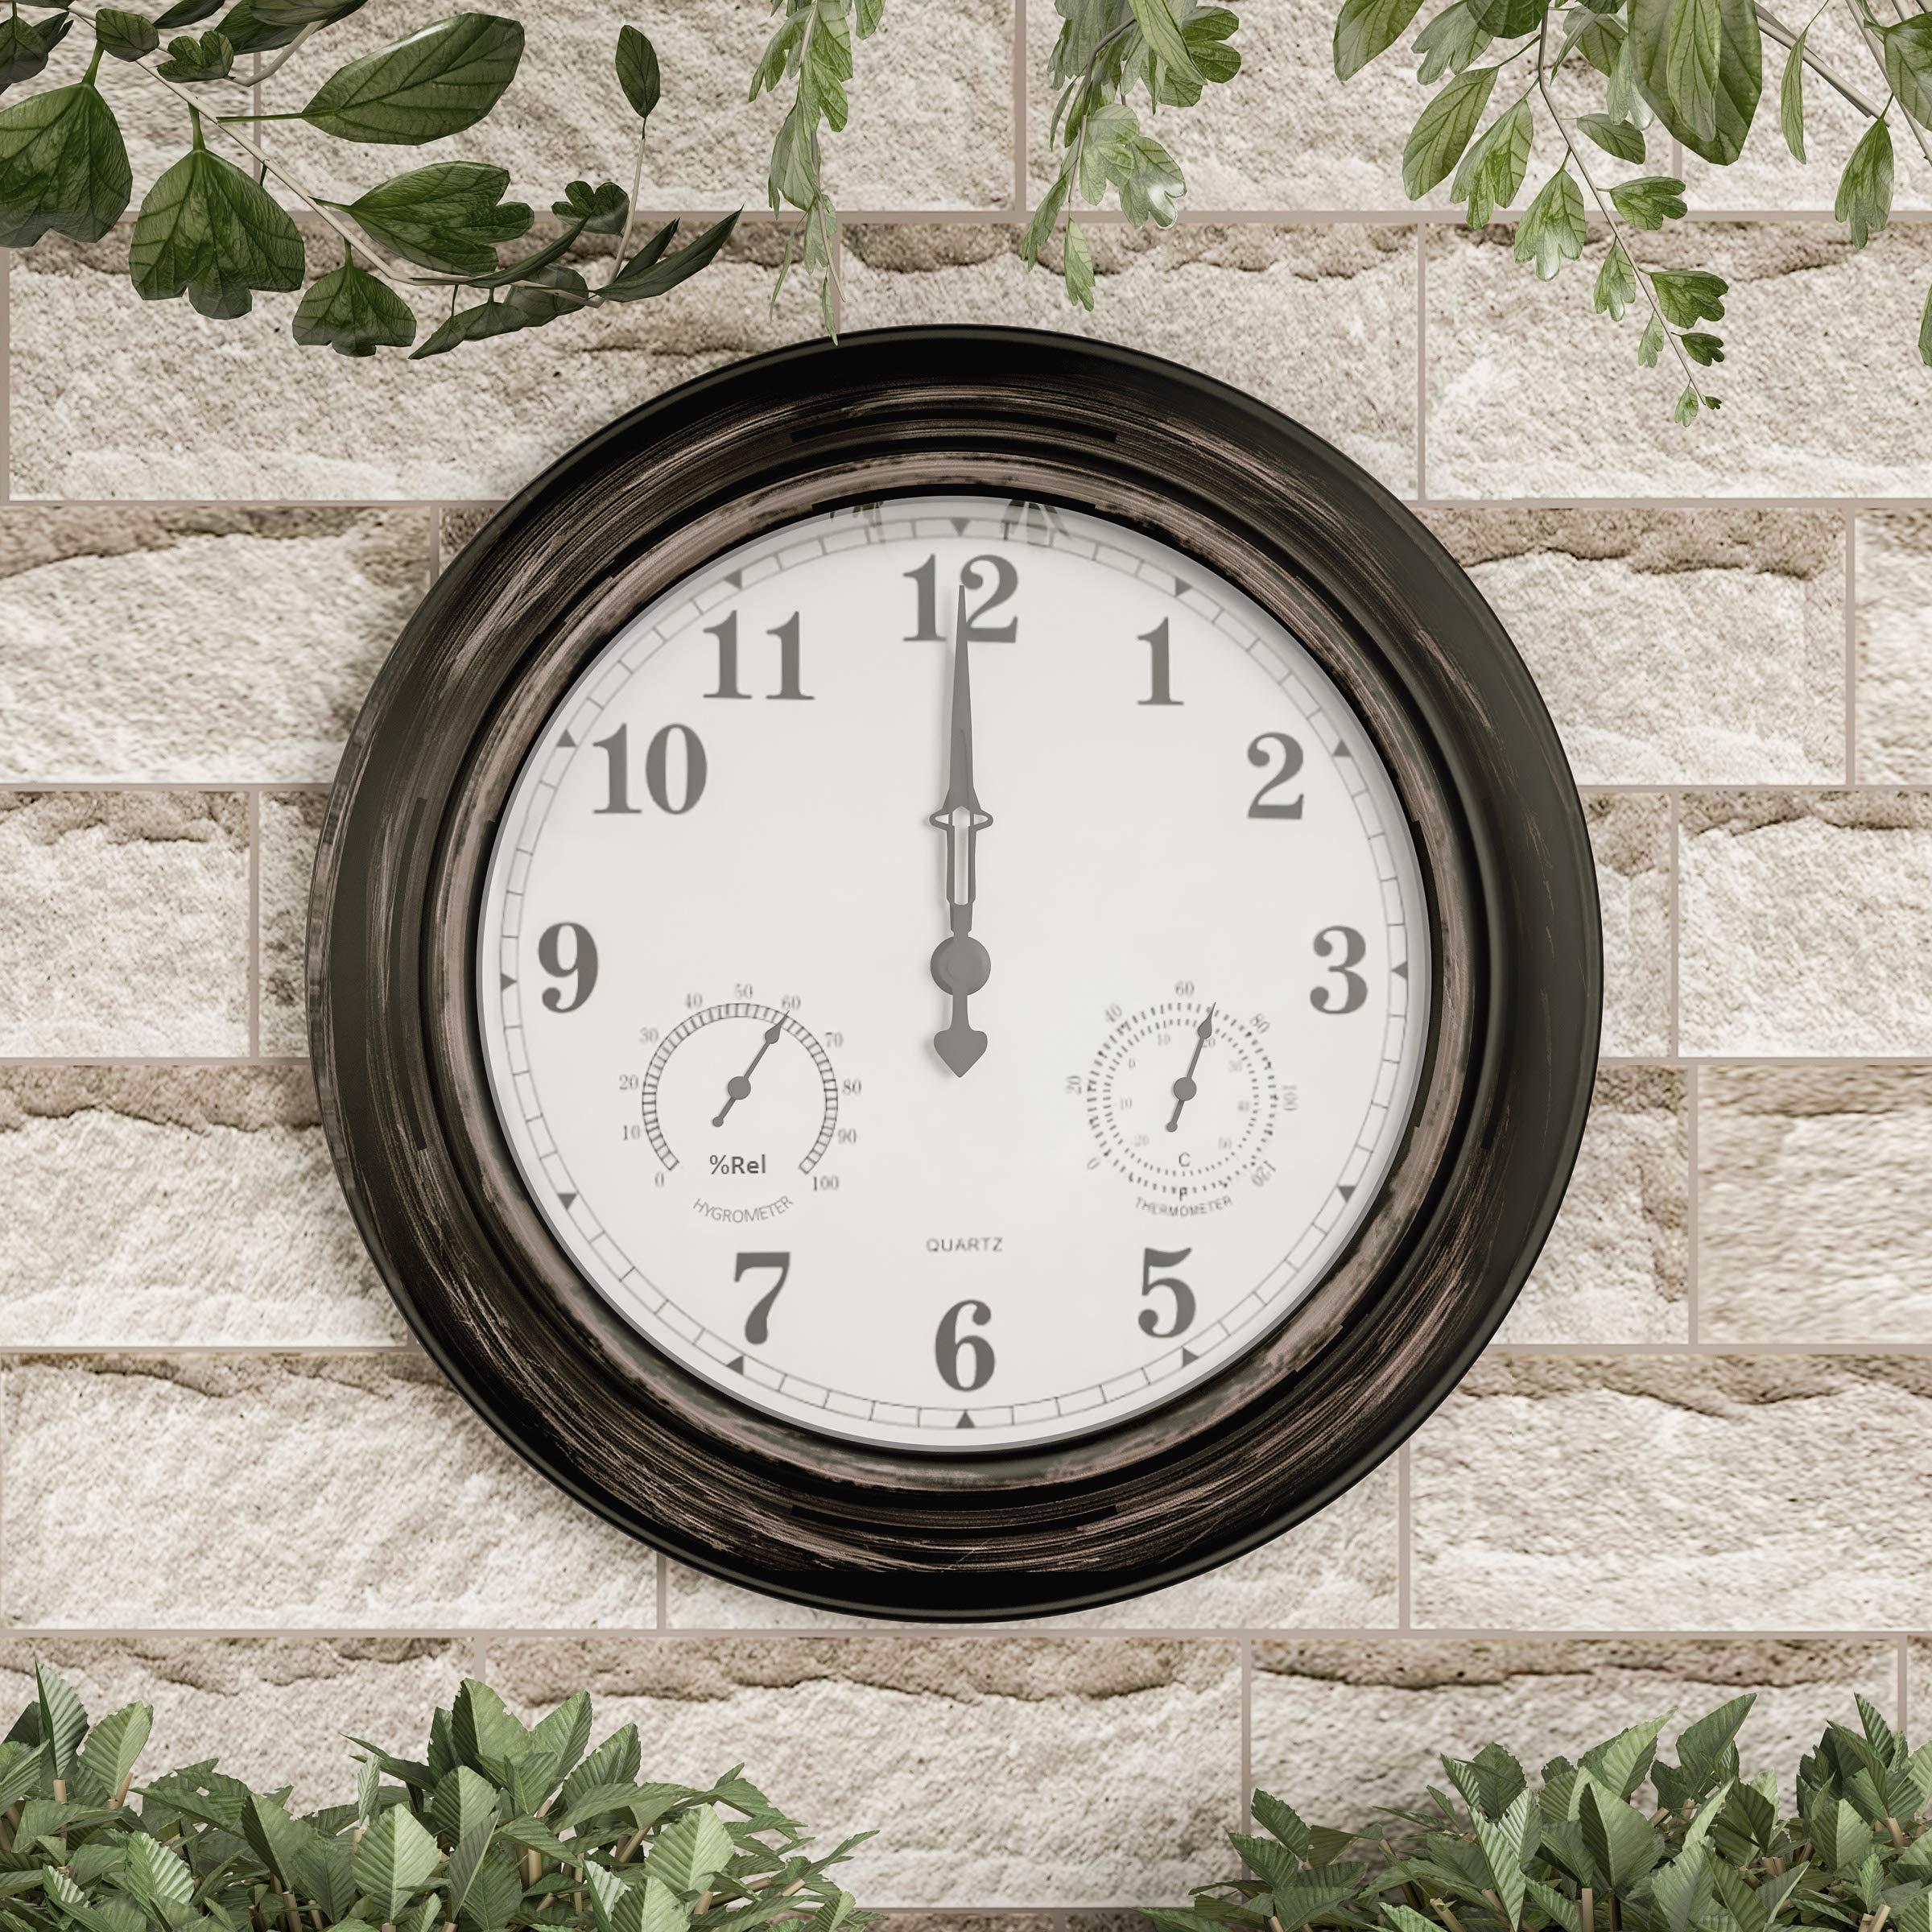 Pure Garden Wall Thermometer-Indoor Outdoor Decorative 18'' Quartz Battery-Powered, Waterproof Clock, Temperature and Hygrometer Gauge, Bronze